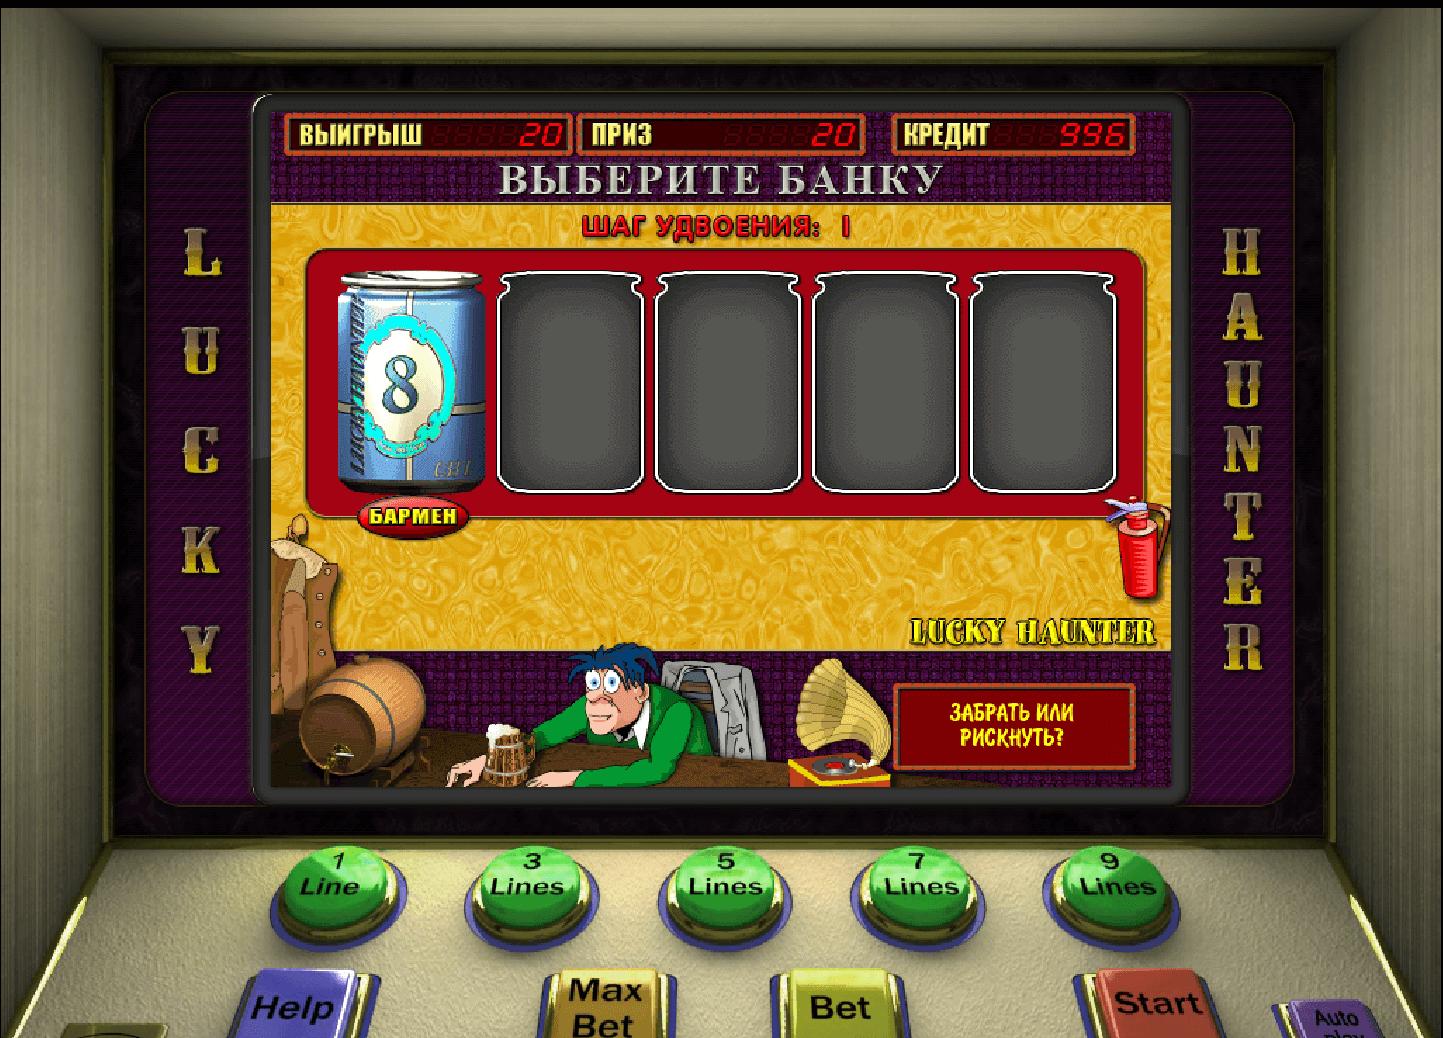 Крышки игровые автоматы vulkanstars casino онлайн казино это ваш источник